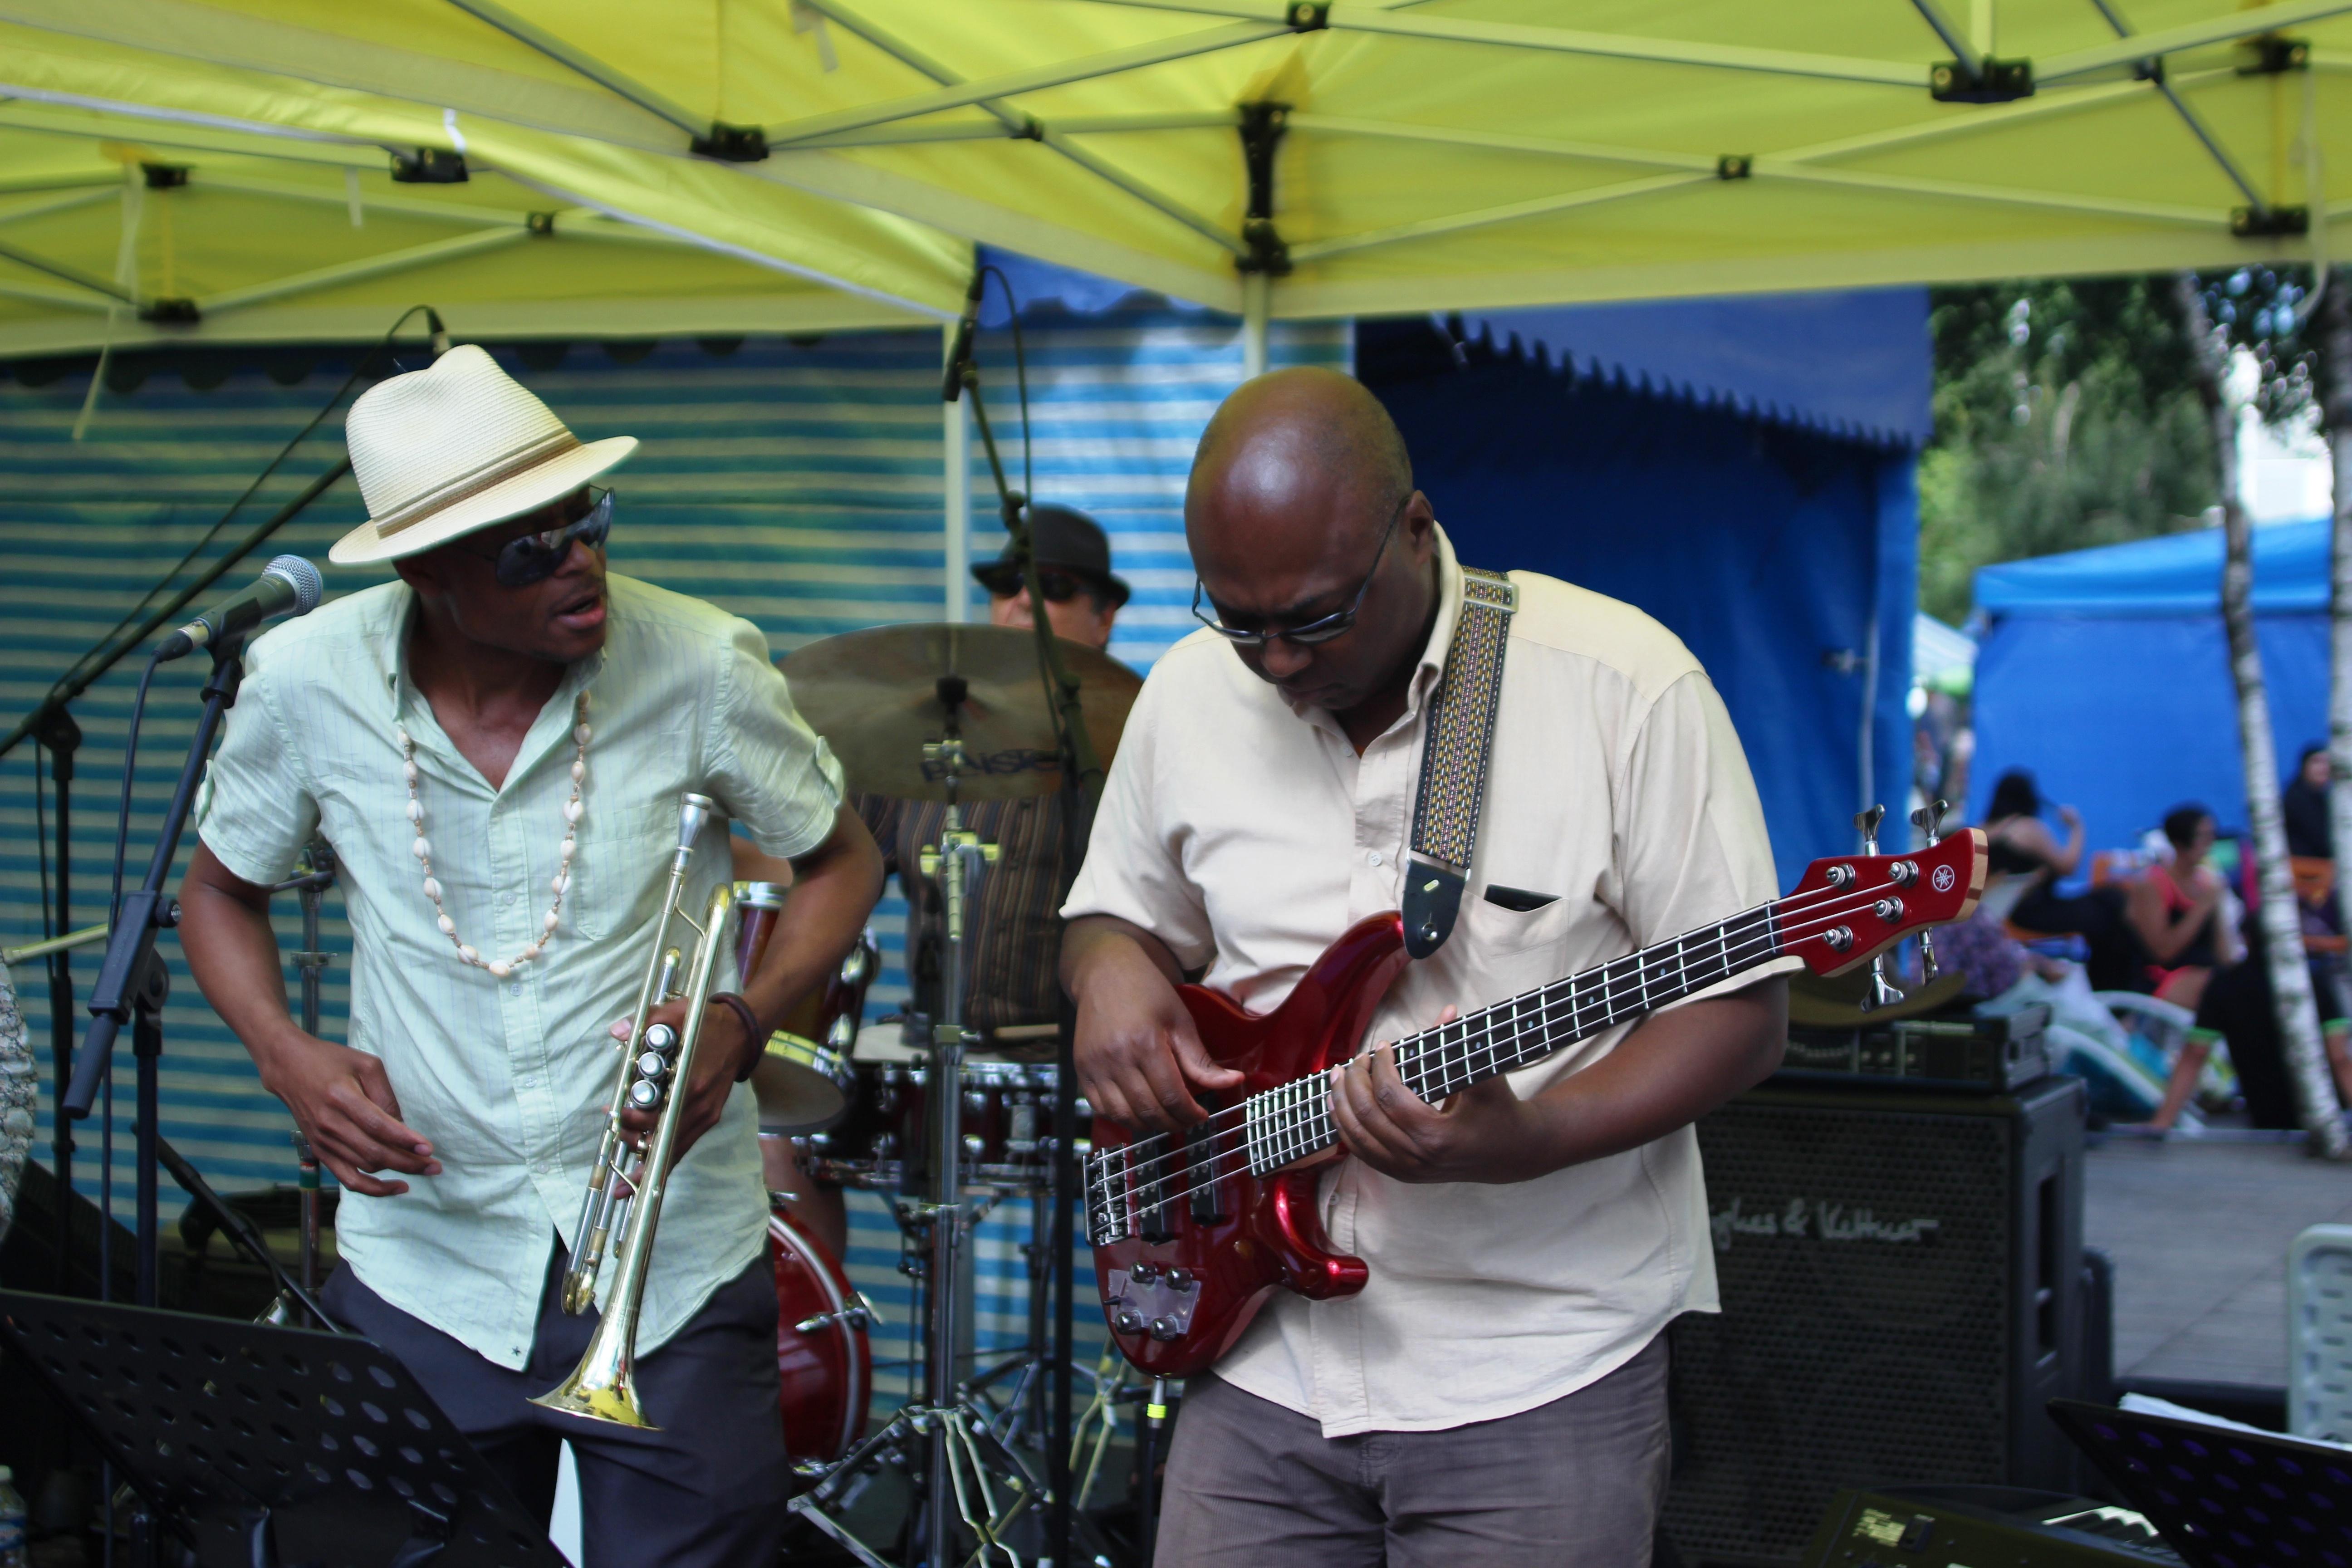 Photo 3 : (DR Prosper Nya) Prosper Nya, afro-slammeur. Trompettiste, saxophoniste et chanteur d'origine camerounaise, Propser Nya vit et travaille en France. Il a mis en mots les difficultés de la vie du sans-papier dans une chanson qui fut sélectionnée par la radio FIP, intitulée « Mamadou » : « Arrête de regarder ton nombril garçon, il a été très très mal coupé. Regarde un peu autour de toi, il y a du ménage à faire. Le débat sur l'identité nationale est ouvert, la cacophonie s'installe autour de la burka et ça pue du caca ».